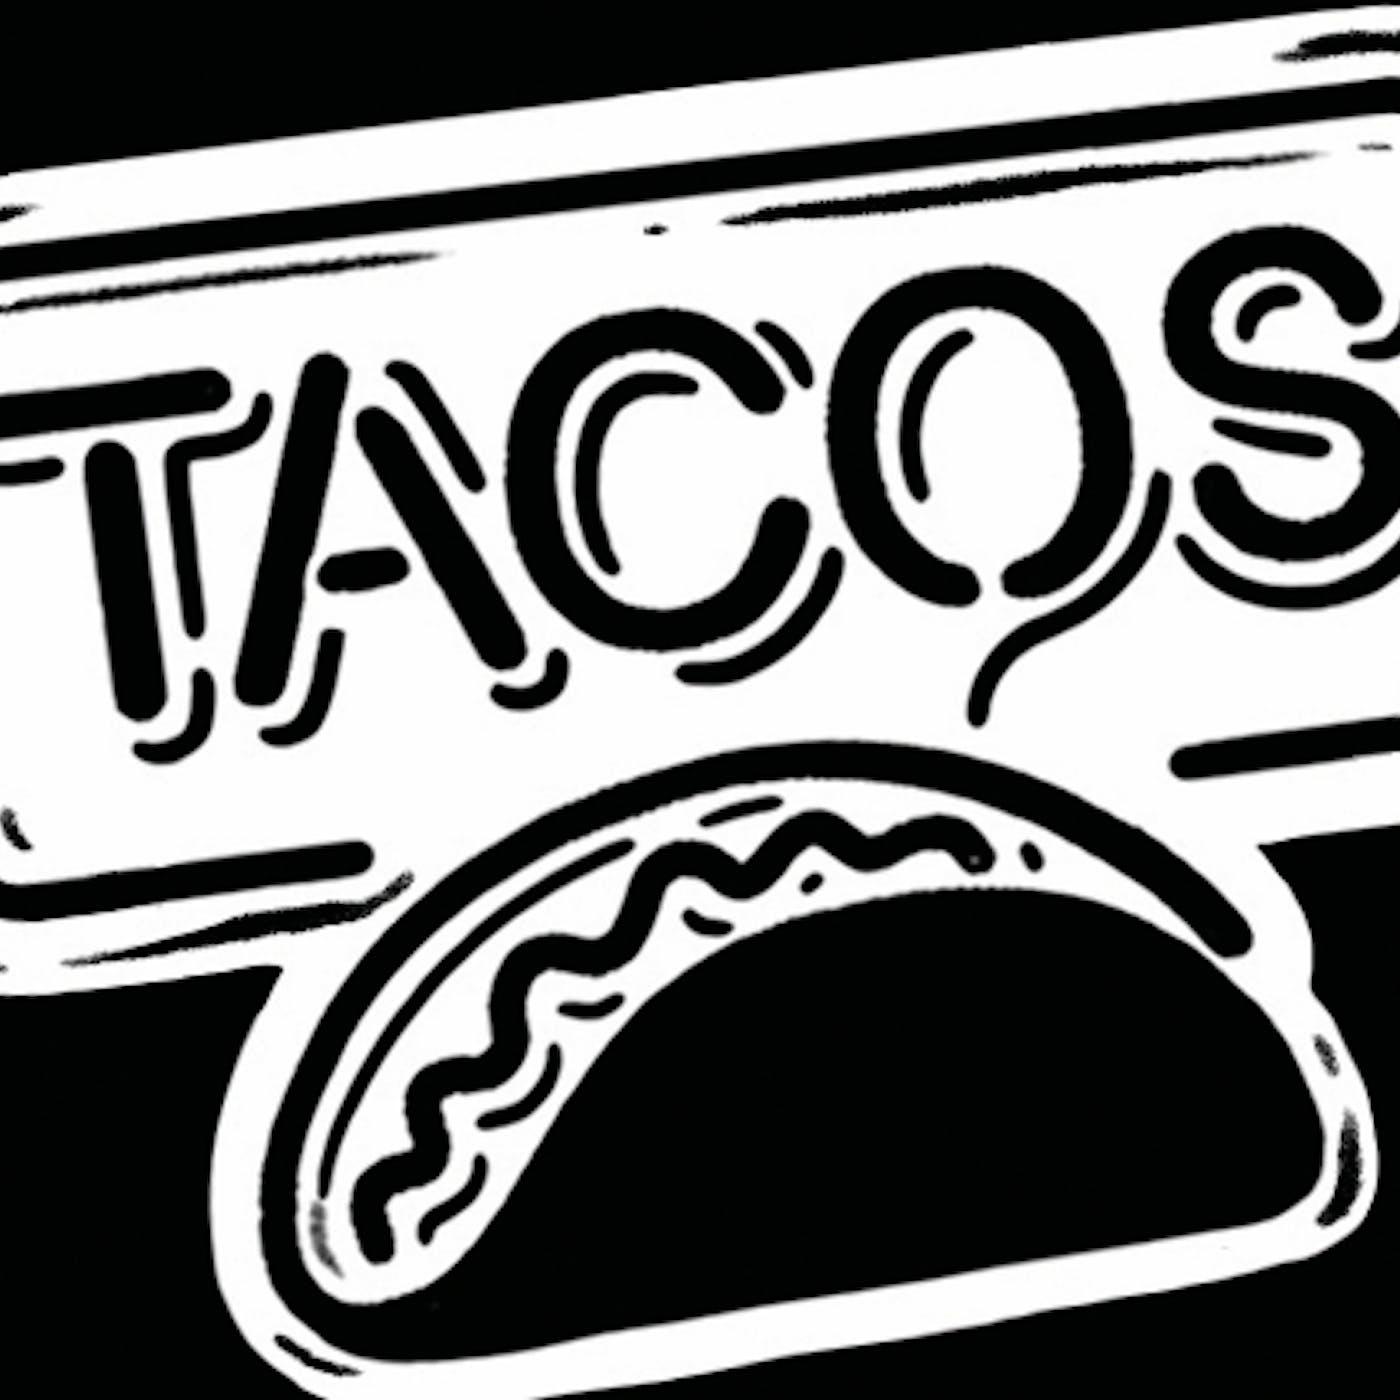 Taco Clip Talking - Taco Clip Art, HD Png Download , Transparent Png Image  - PNGitem